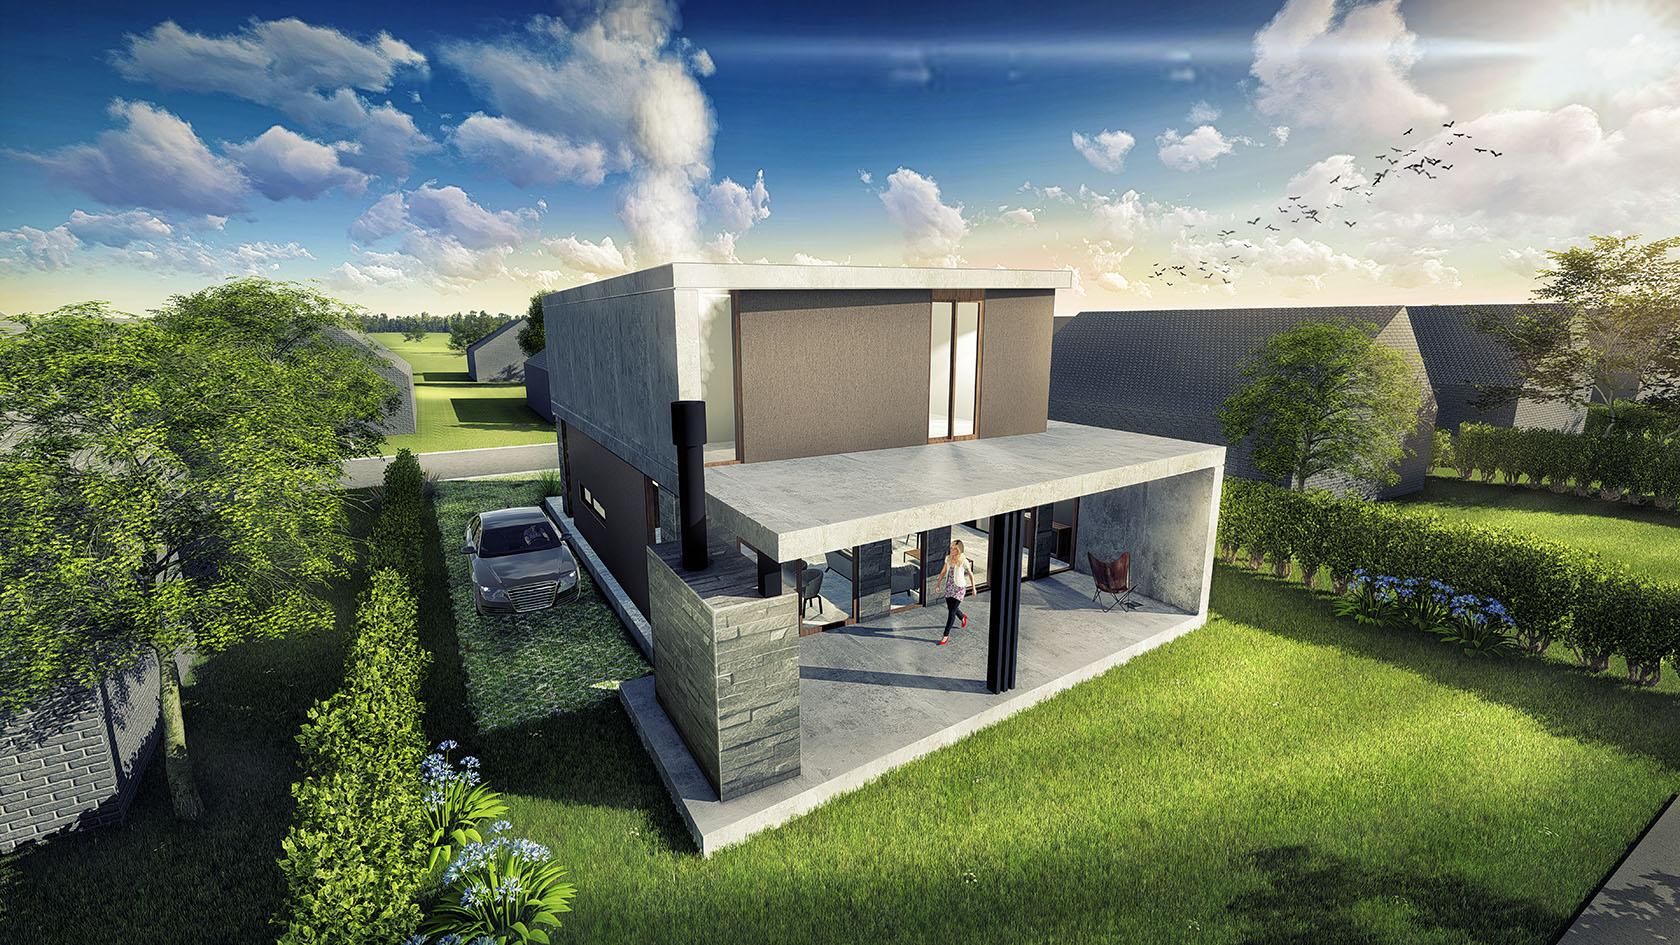 Vista aérea contrafrente, galerías modernas, parrilla con revestimiento de piedra, casas contemporáneas